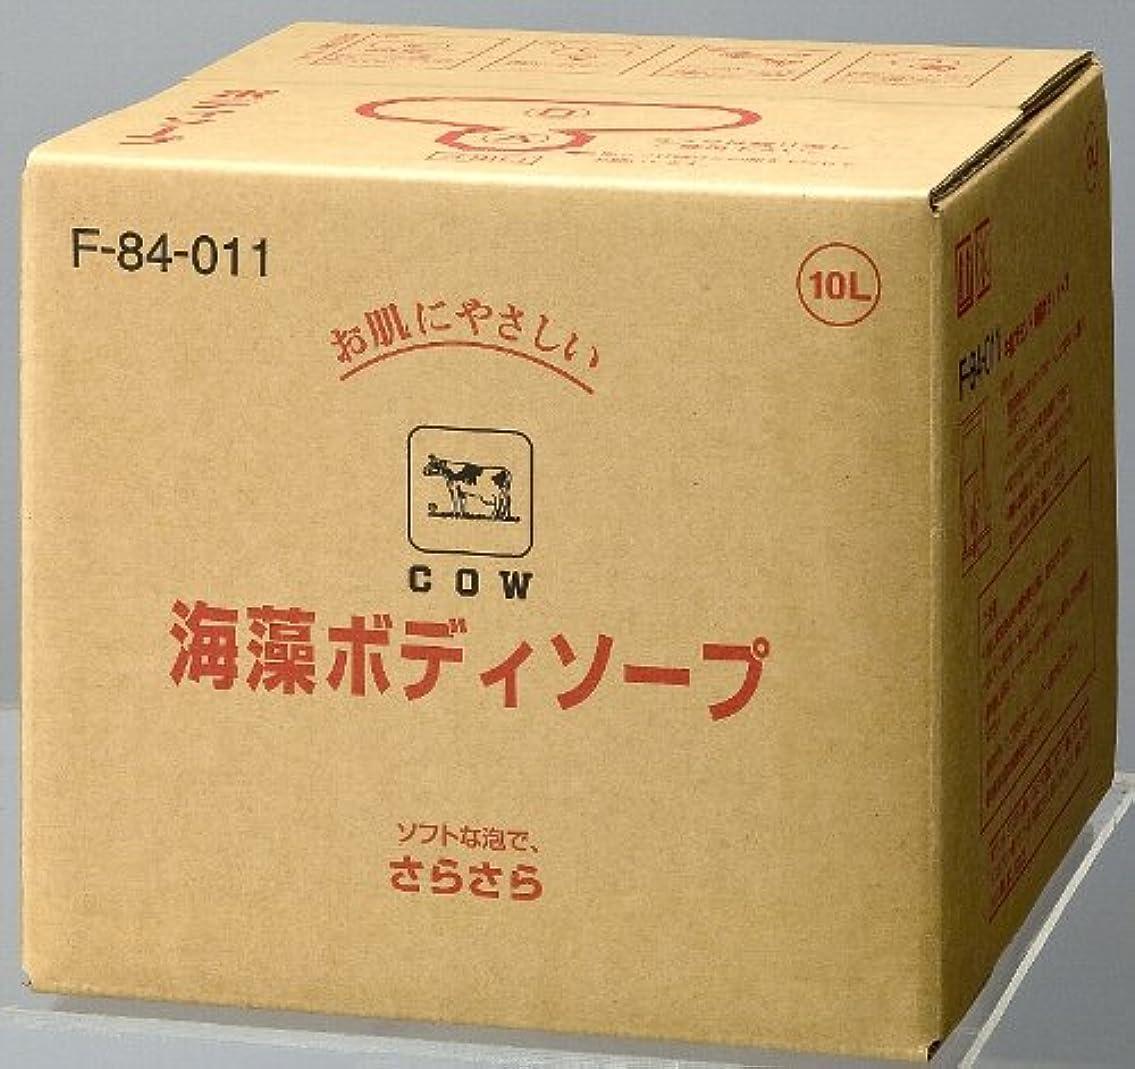 【業務用】カウブランド海藻ボディソープ 10L